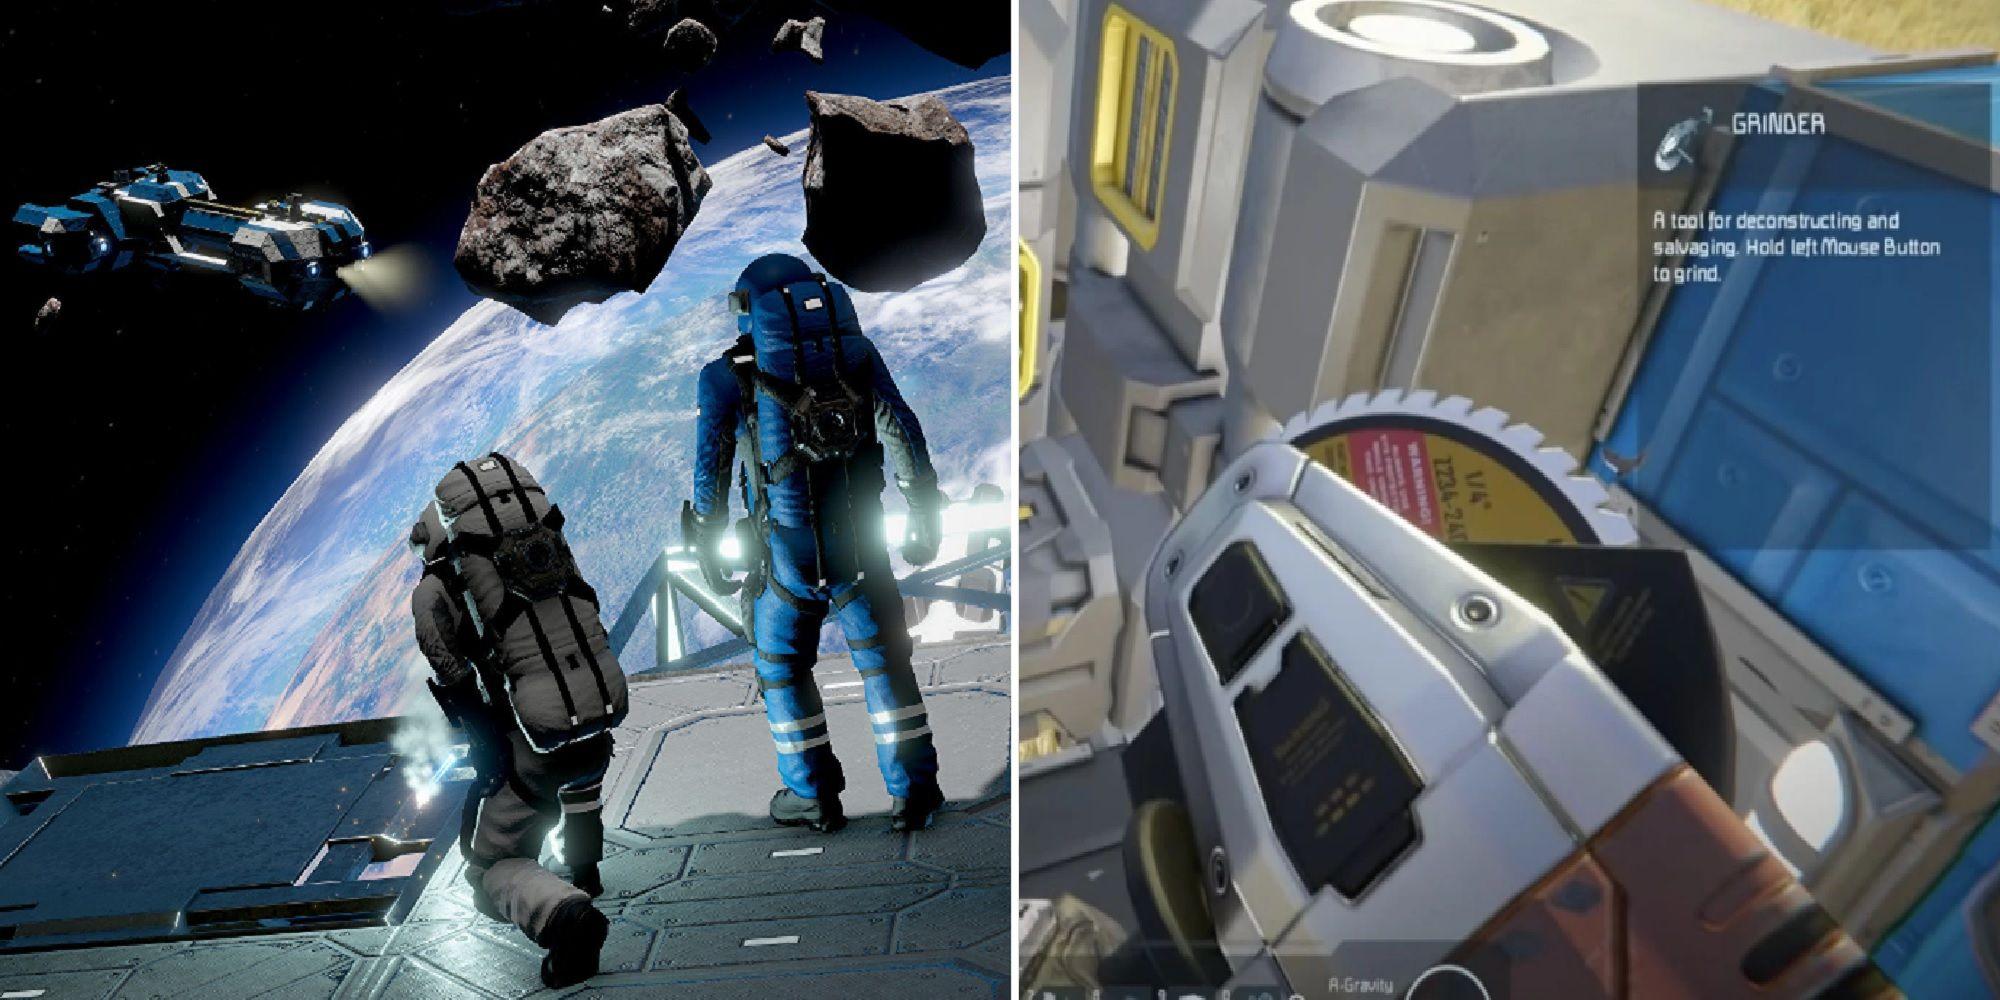 Ingenieros espaciales: todas las herramientas y cómo usarlas